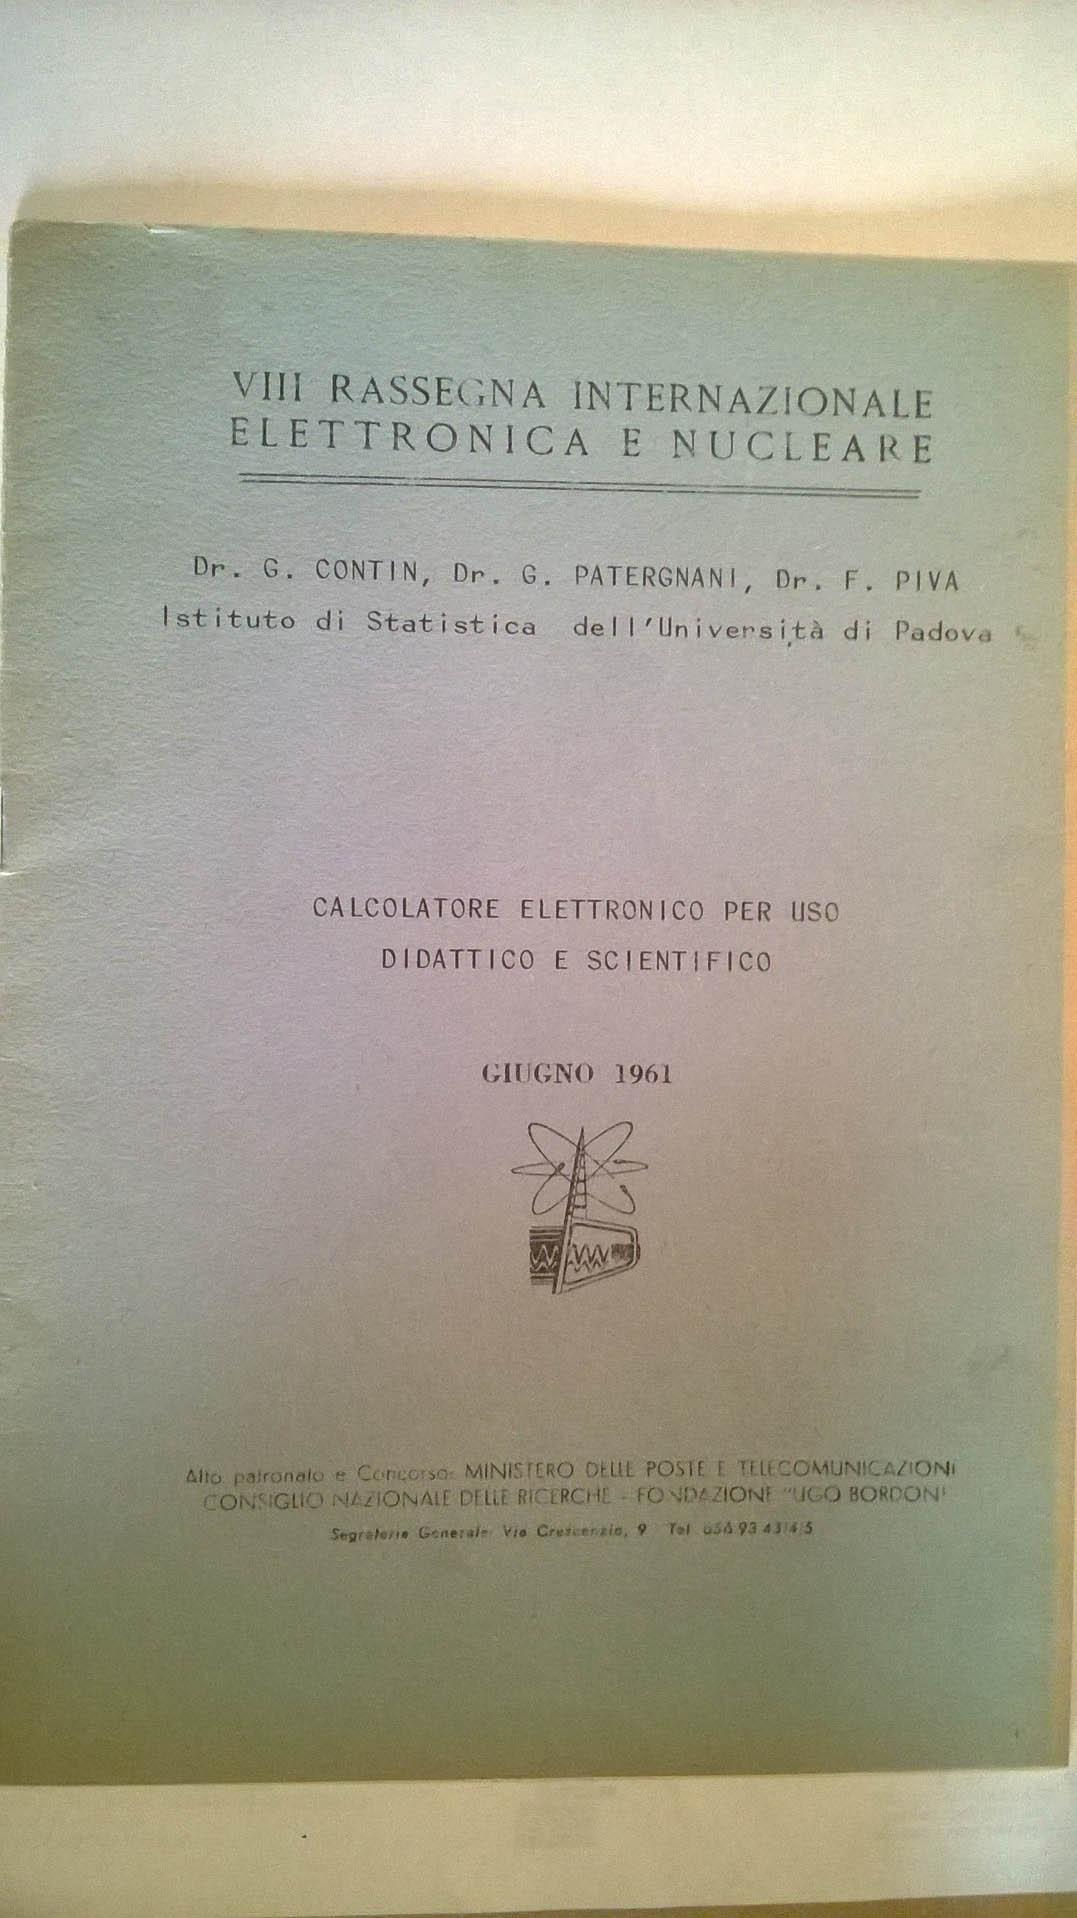 """G., Patergnani G., Piva F. """"Calcolatore elettronico per uso didattico e scientifico."""" Abstract from the Proceedings of the VIII Rassegna internazionale elettronica e nucleare. Roma, 1961"""